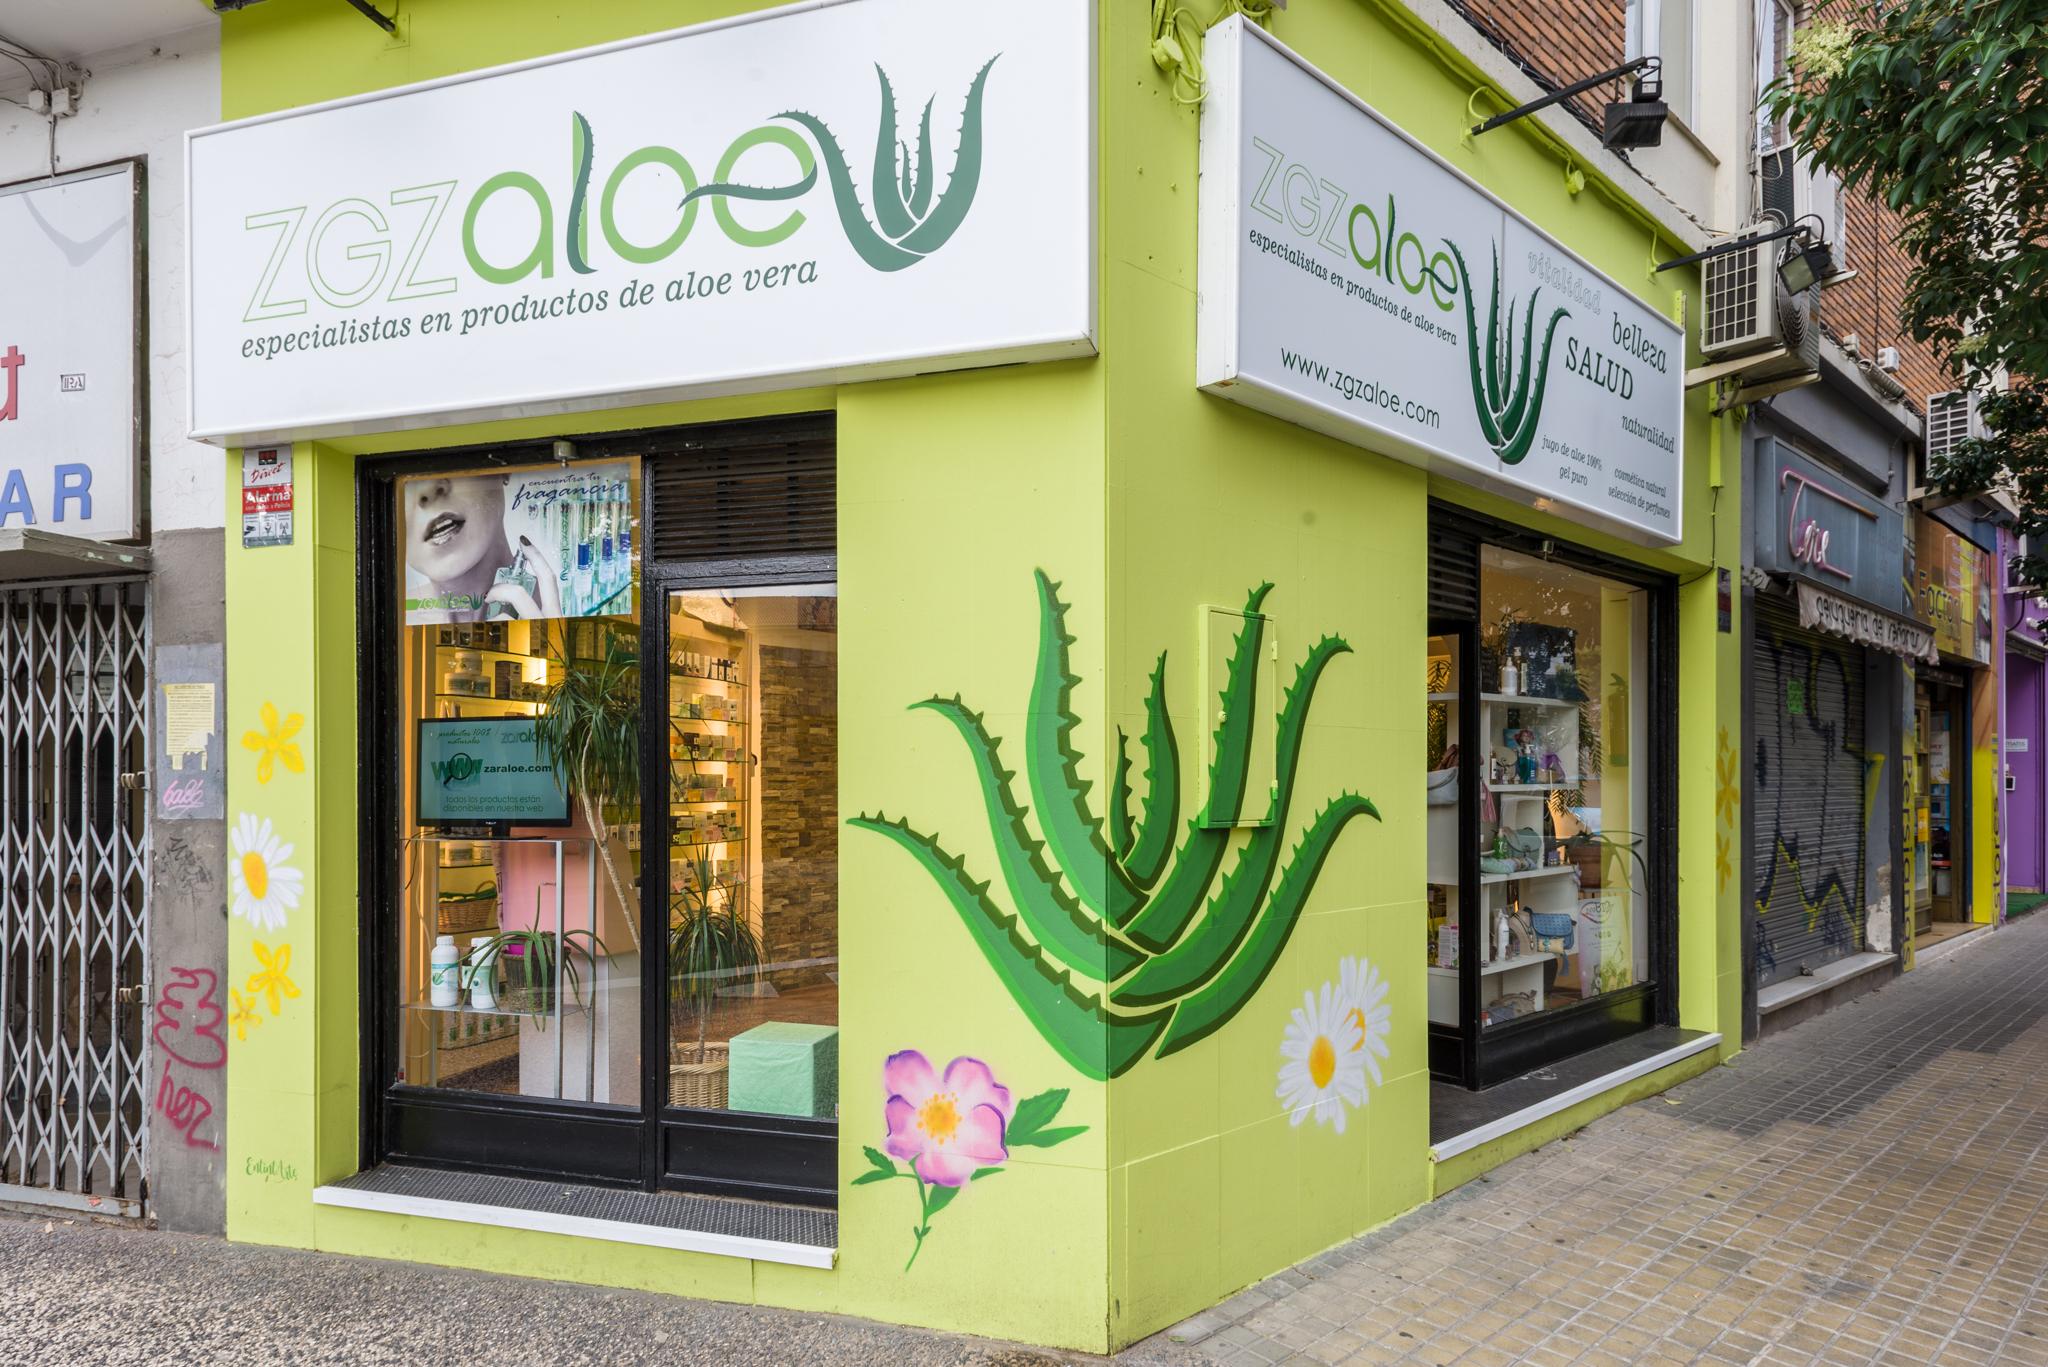 Zgz Aloe-especialistas en productos con aloe